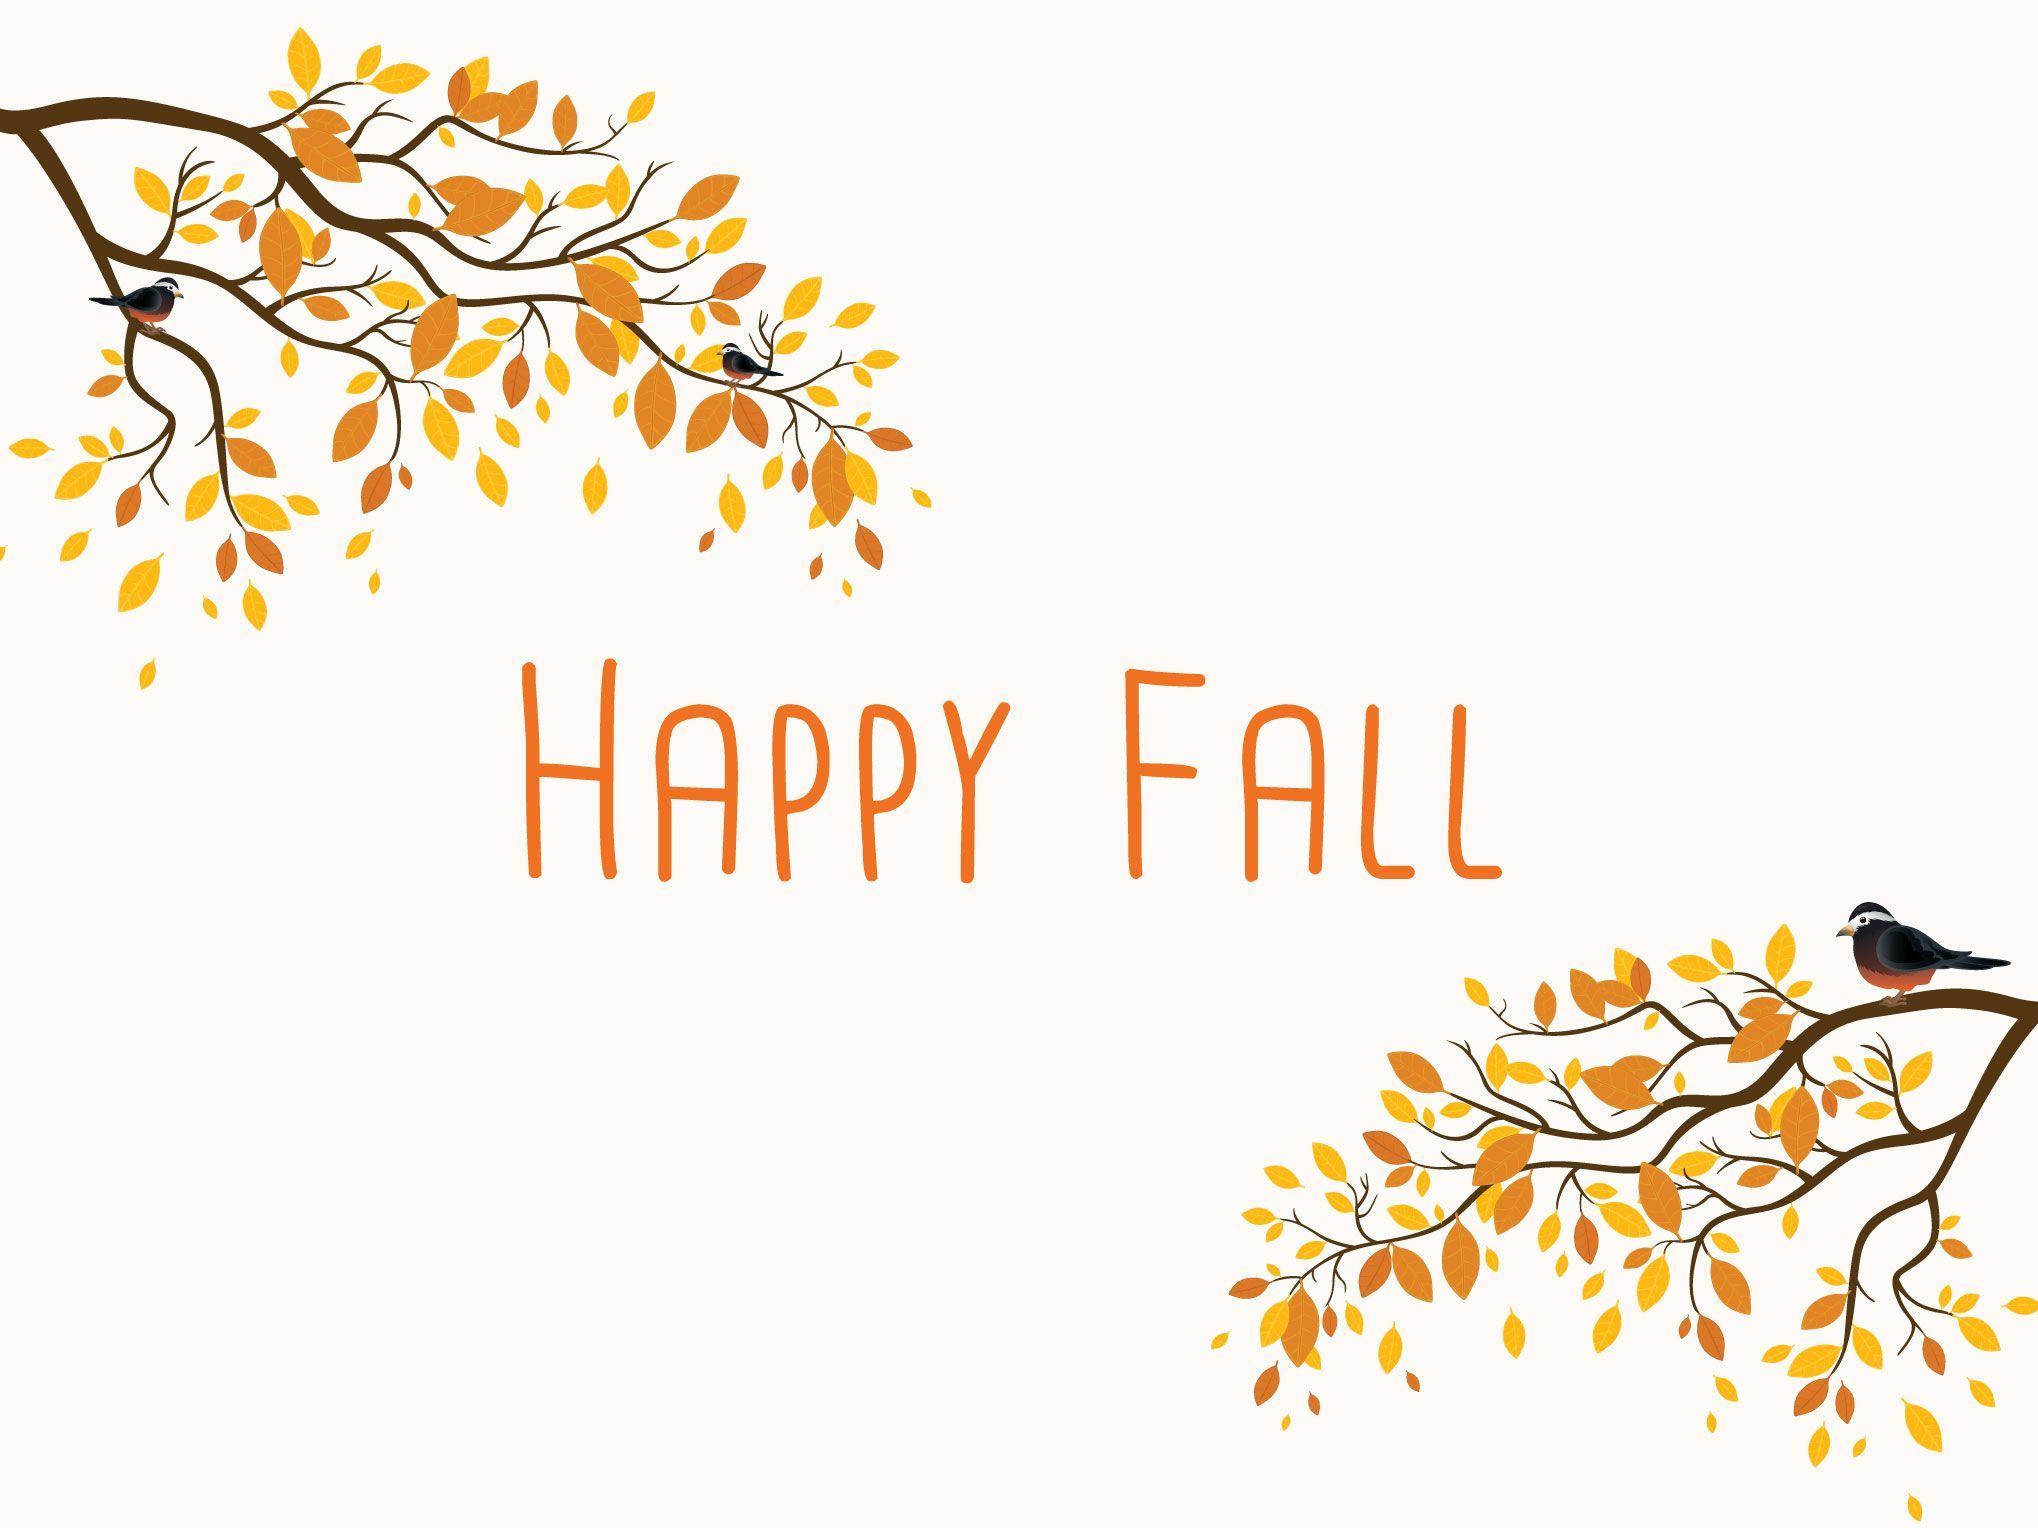 Pin By Hannah Koller On Autumn Desktop Wallpaper Fall Fall Computer Backgrounds Fall Desktop Backgrounds